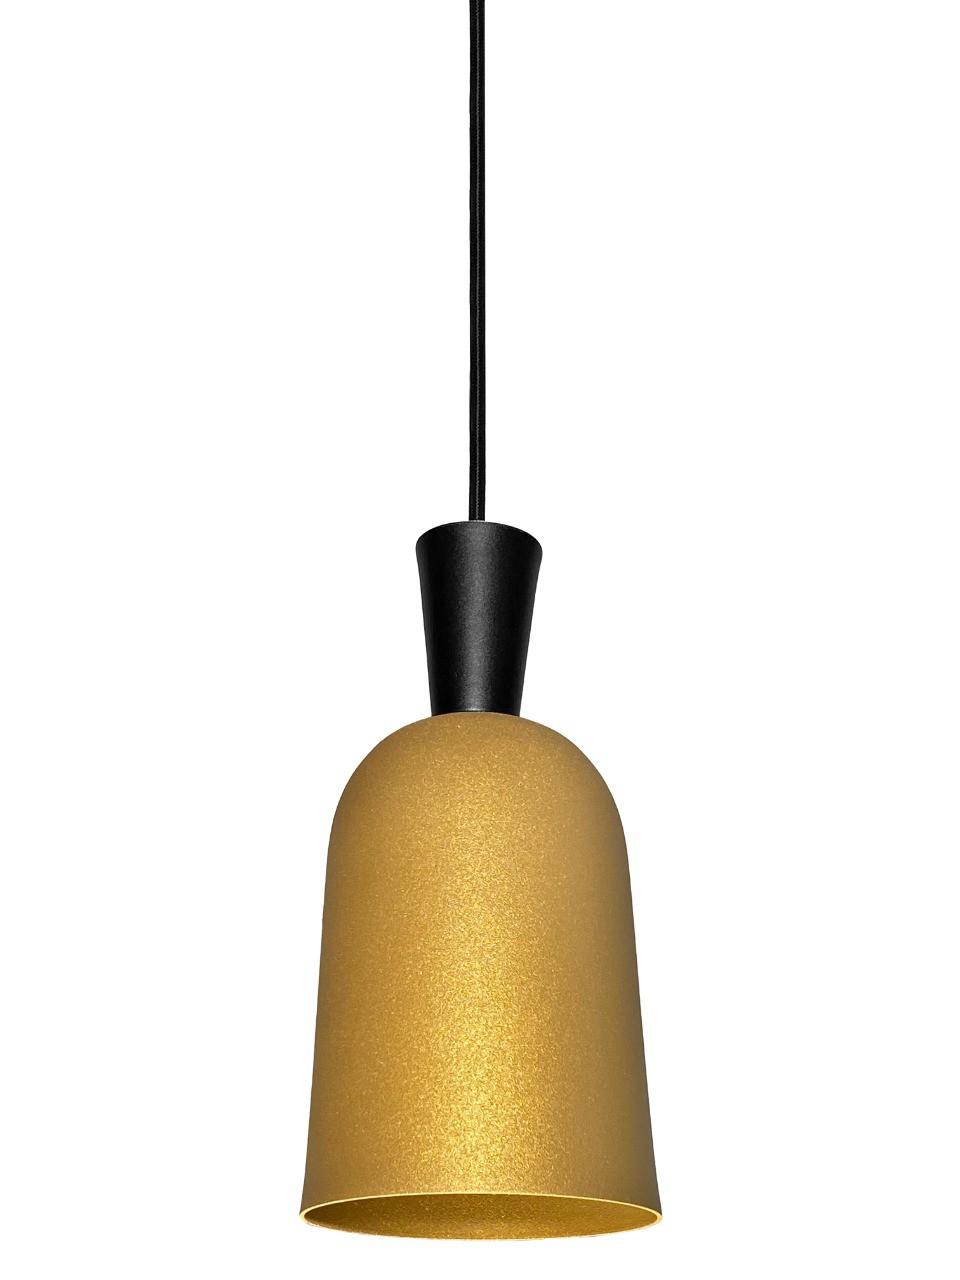 Pendente Istambul Cone Dourado/Preto 22x10CM 7057T Balcão